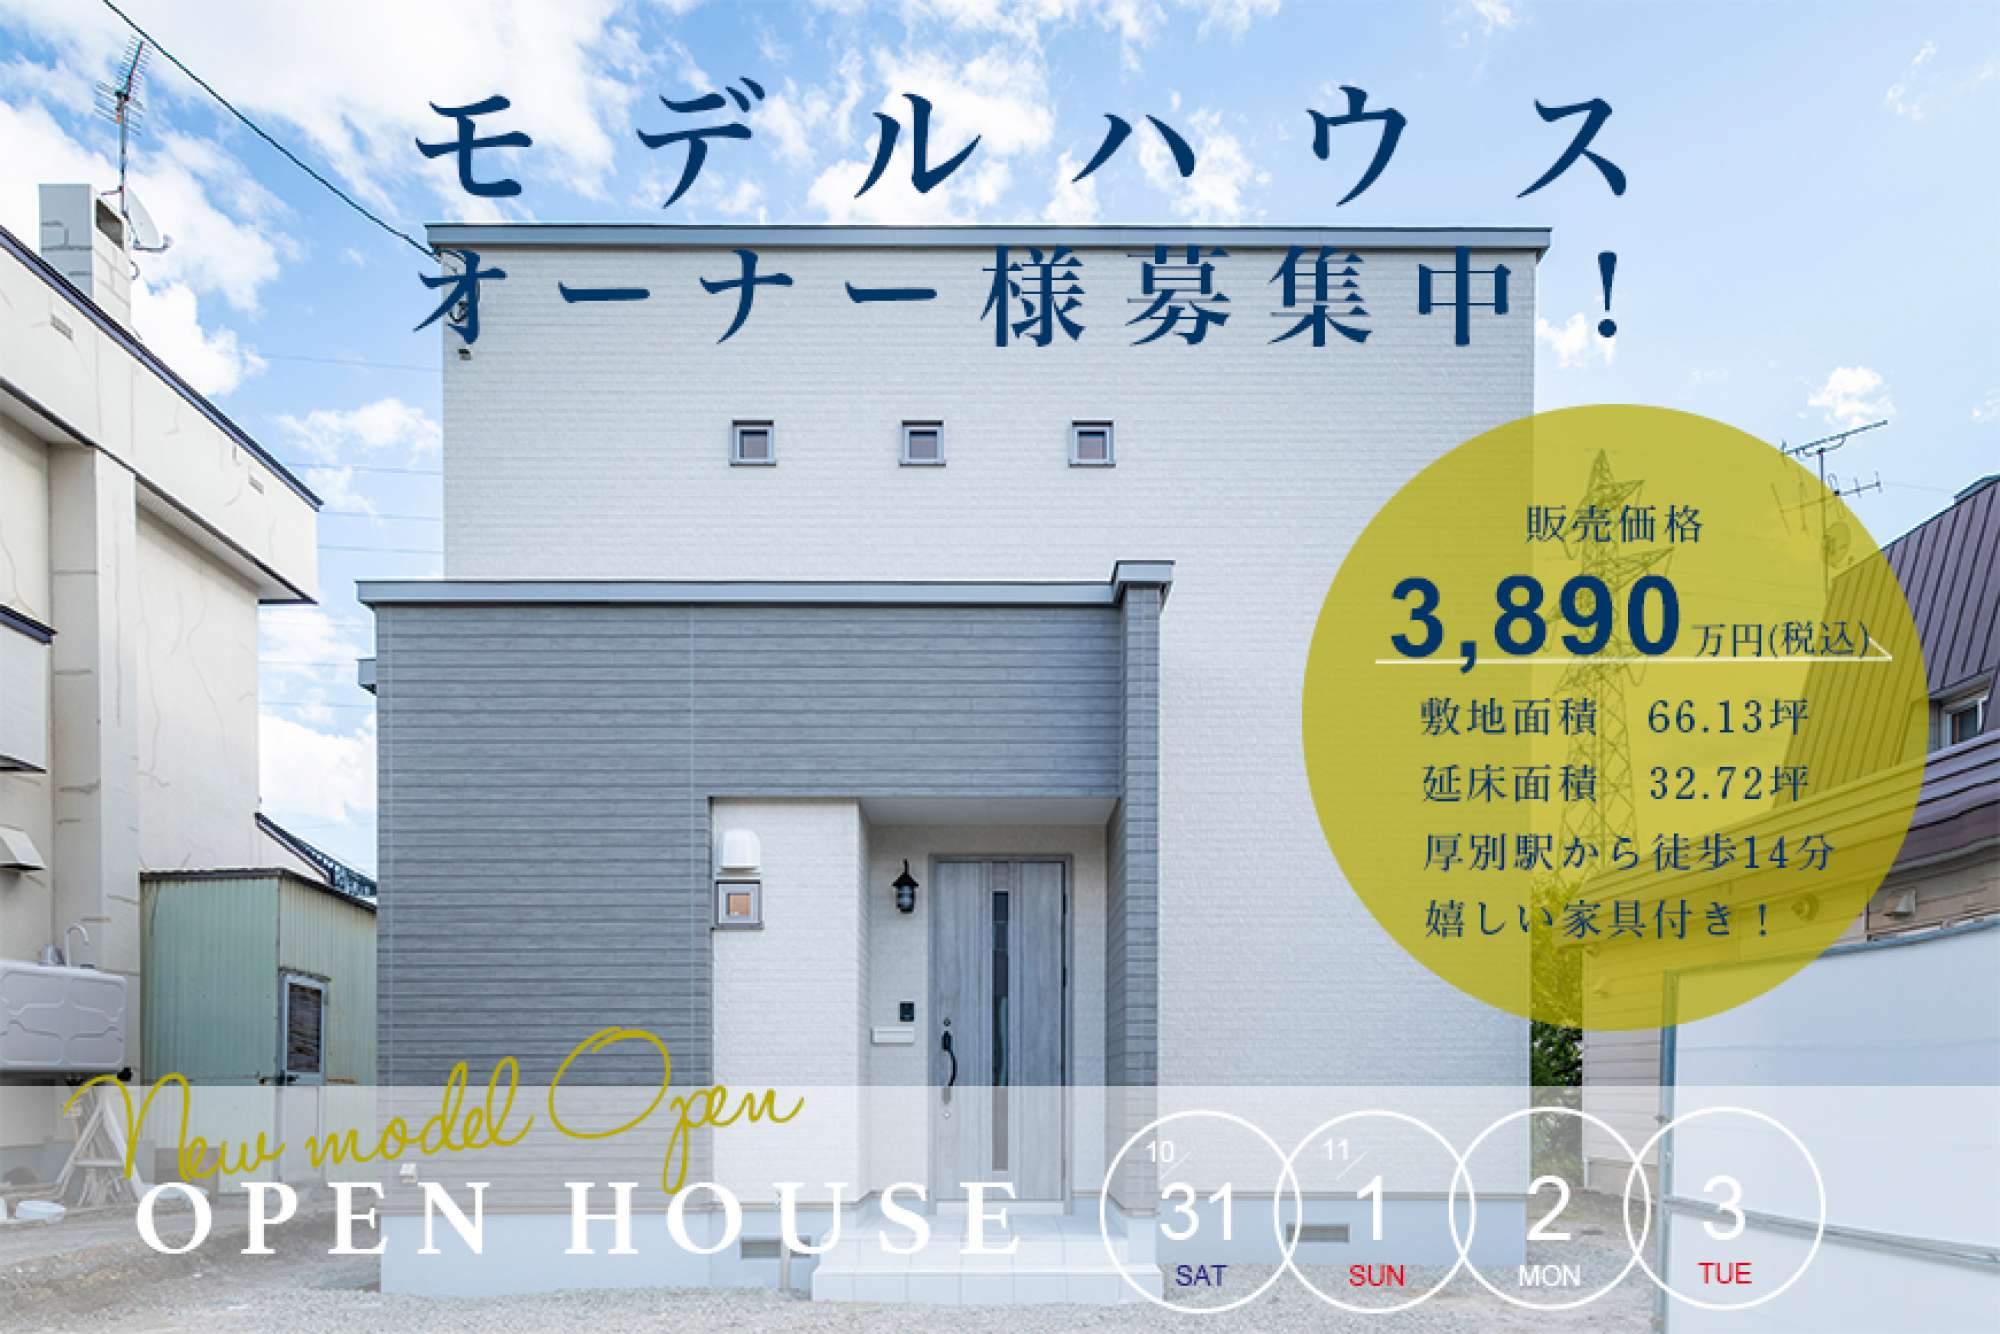 10/31(土)-11/3(祝) 開催 モデルハウス完成見学会in厚別区厚別西 -